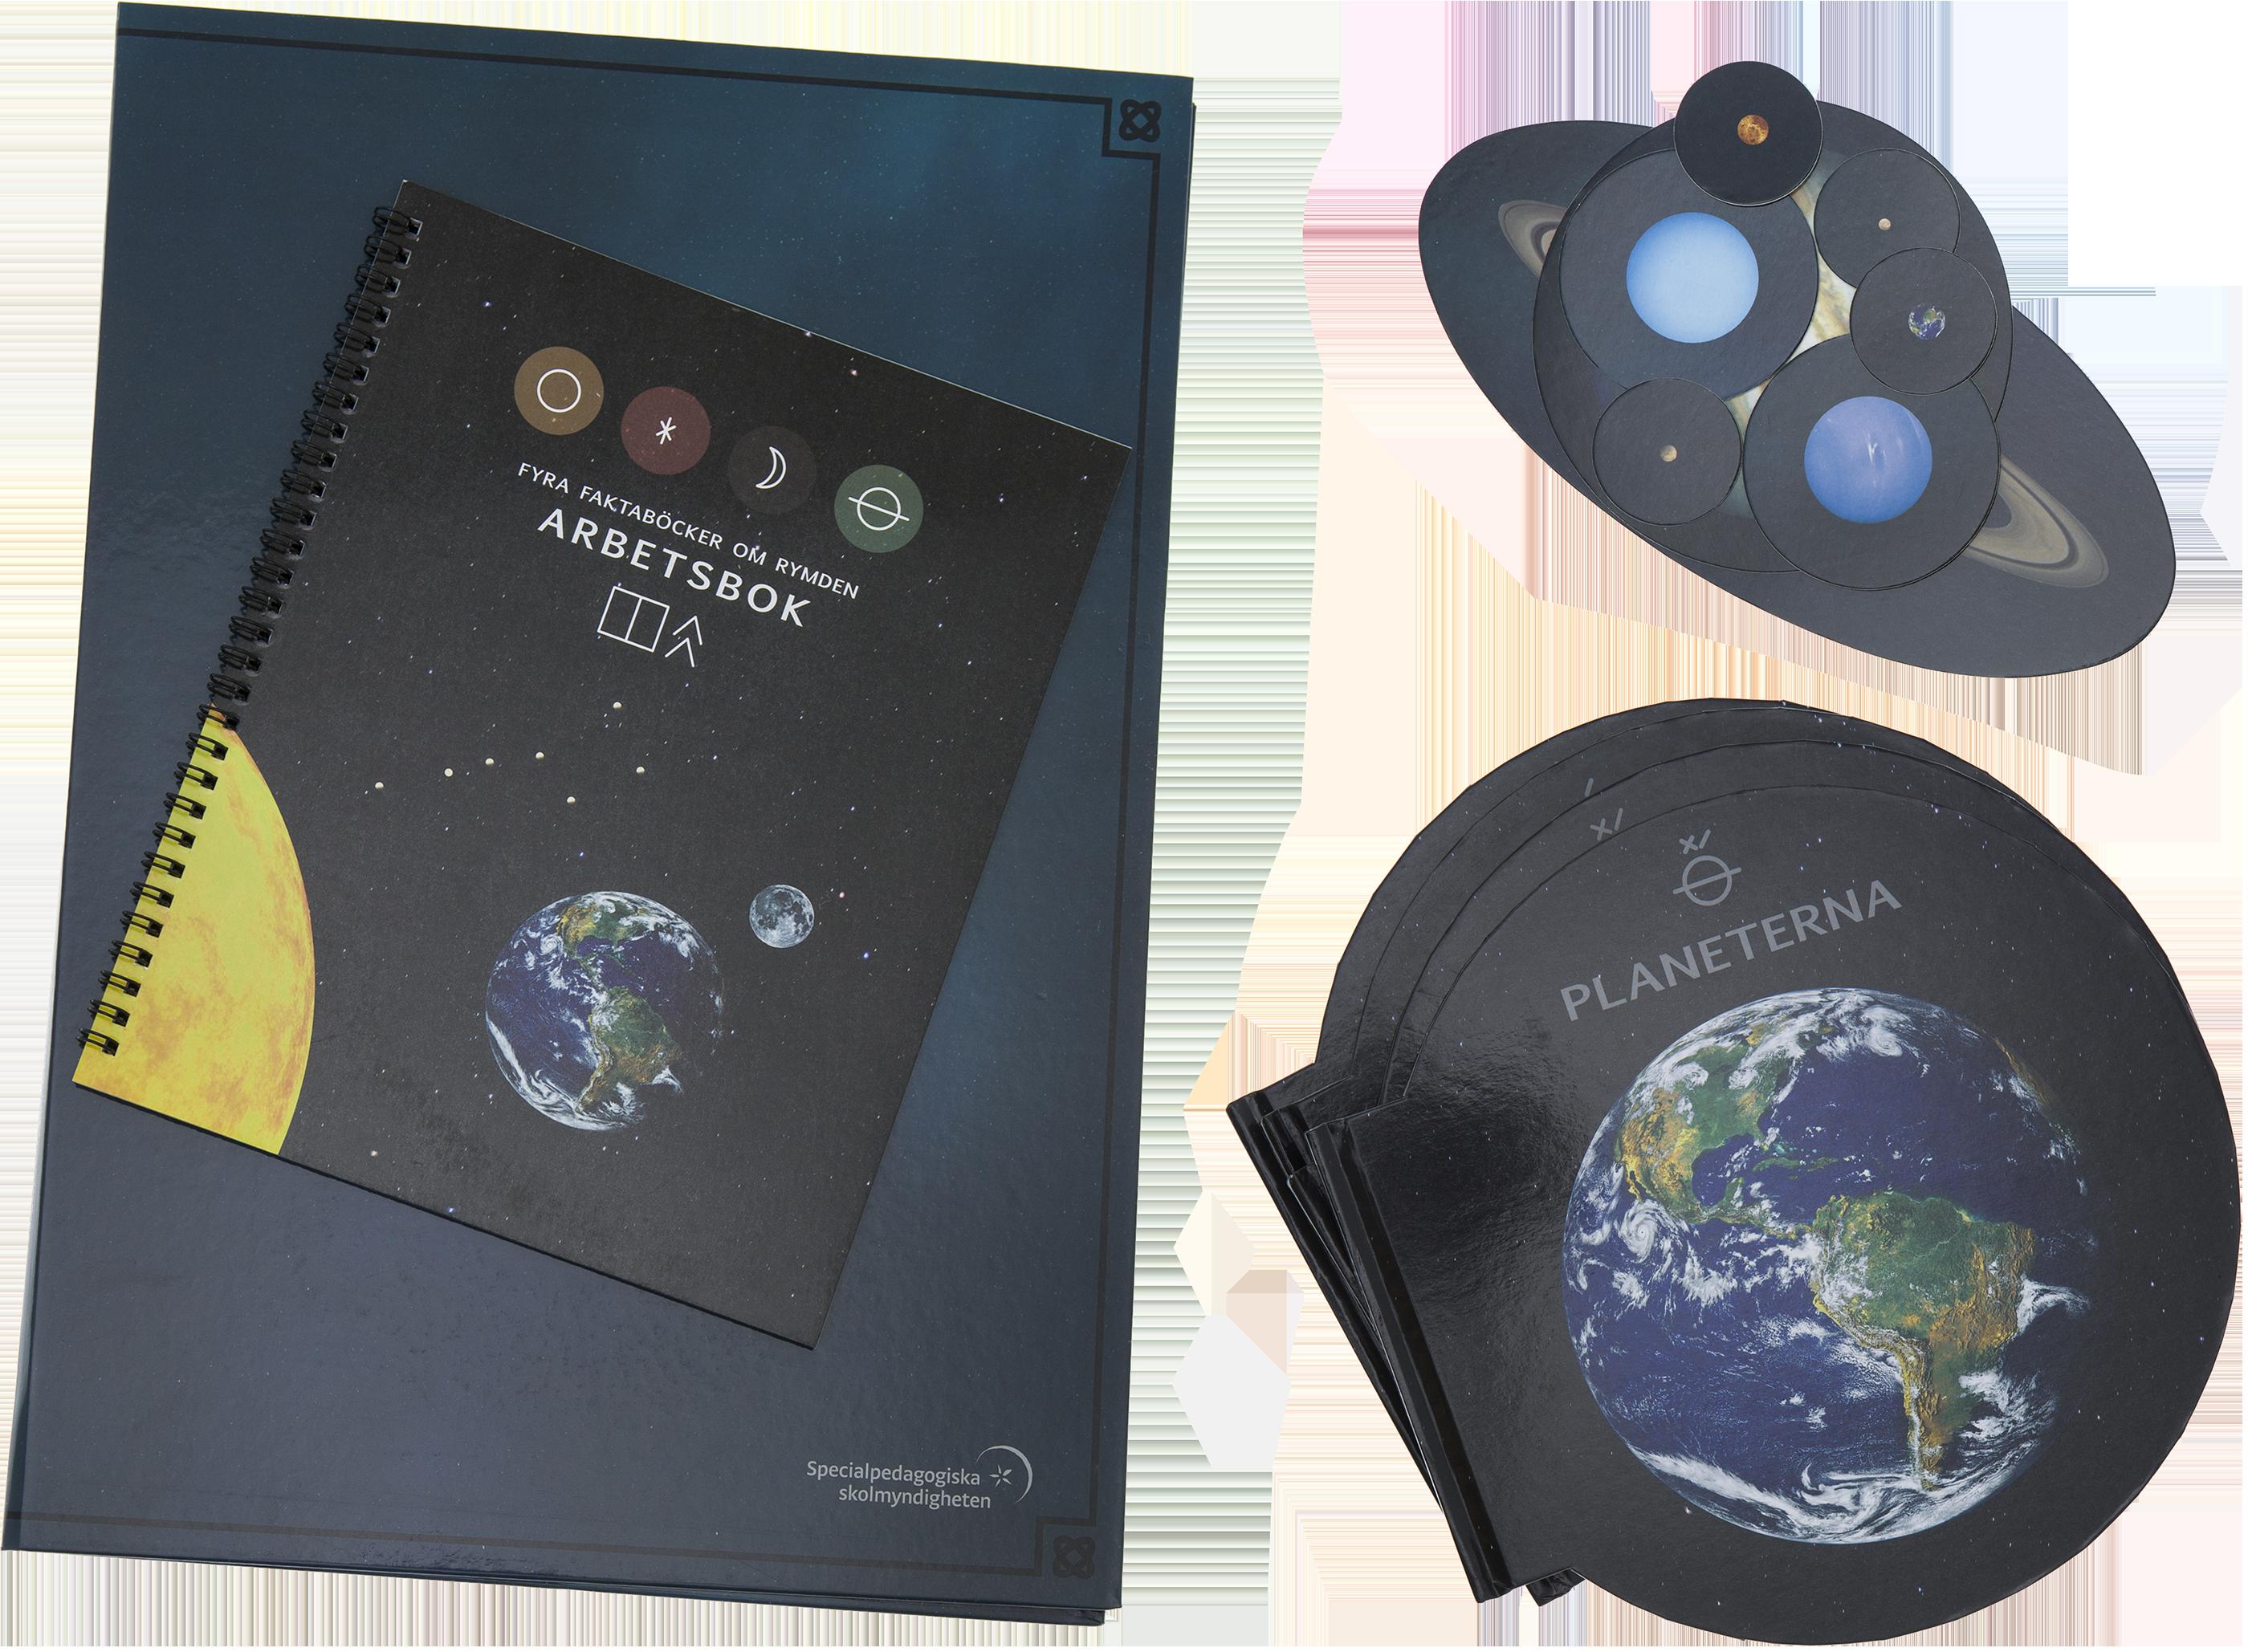 Arbetshäfte, planetböcker utlagda.